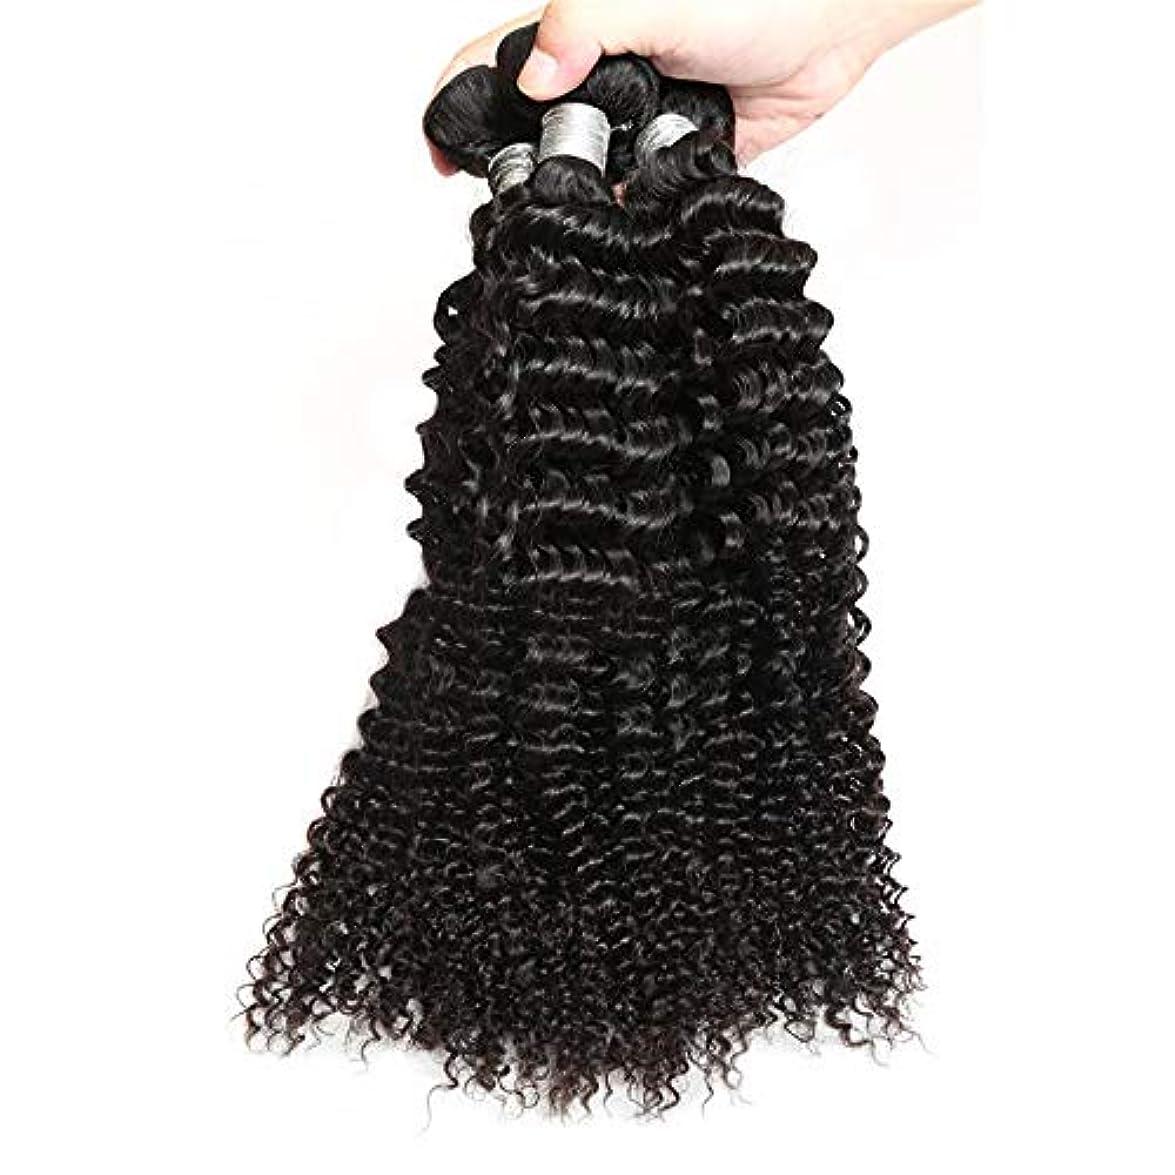 引く七時半イソギンチャクWASAIO 黒人女性本能的色100グラム/バンドル10「-26」のためのカーリーバンドル原油人間の髪の拡張機能ブラジル (色 : 黒, サイズ : 12 inch)